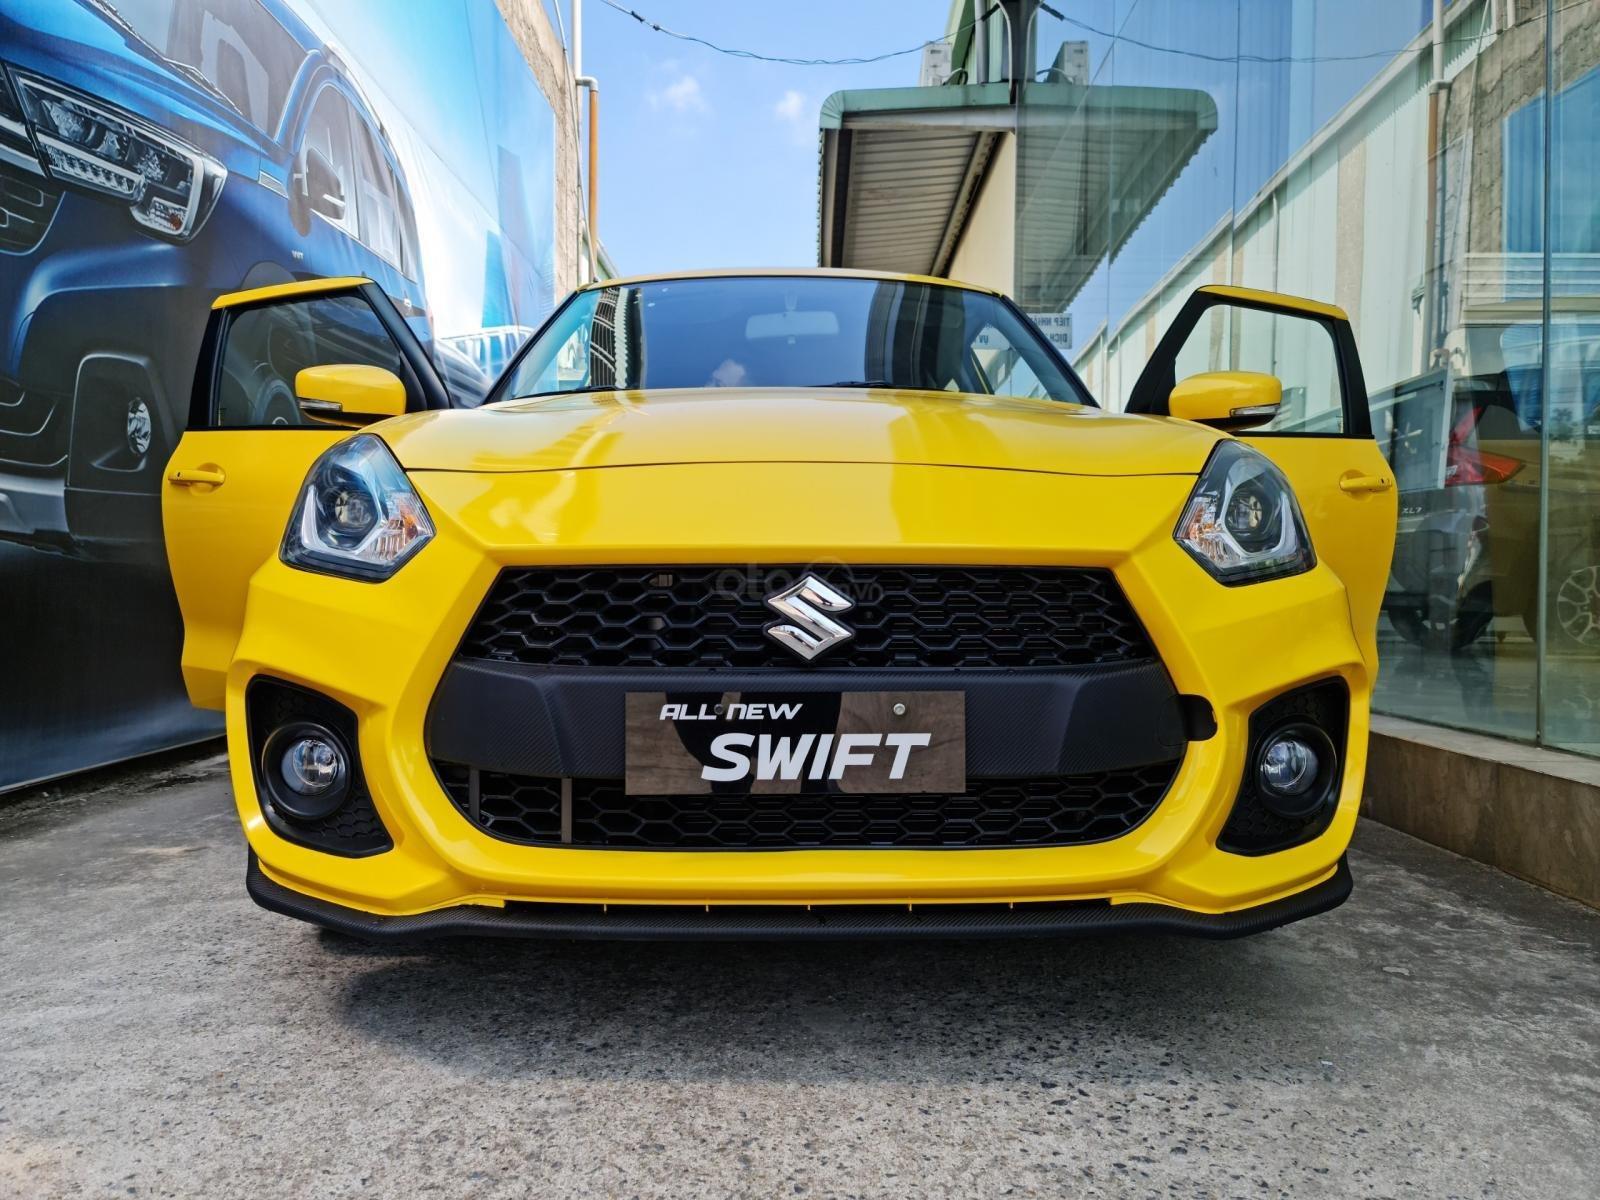 Bán xe hơi Suzuki Swift 1.2 CVT màu vàng nhập khẩu Thái Lan (1)